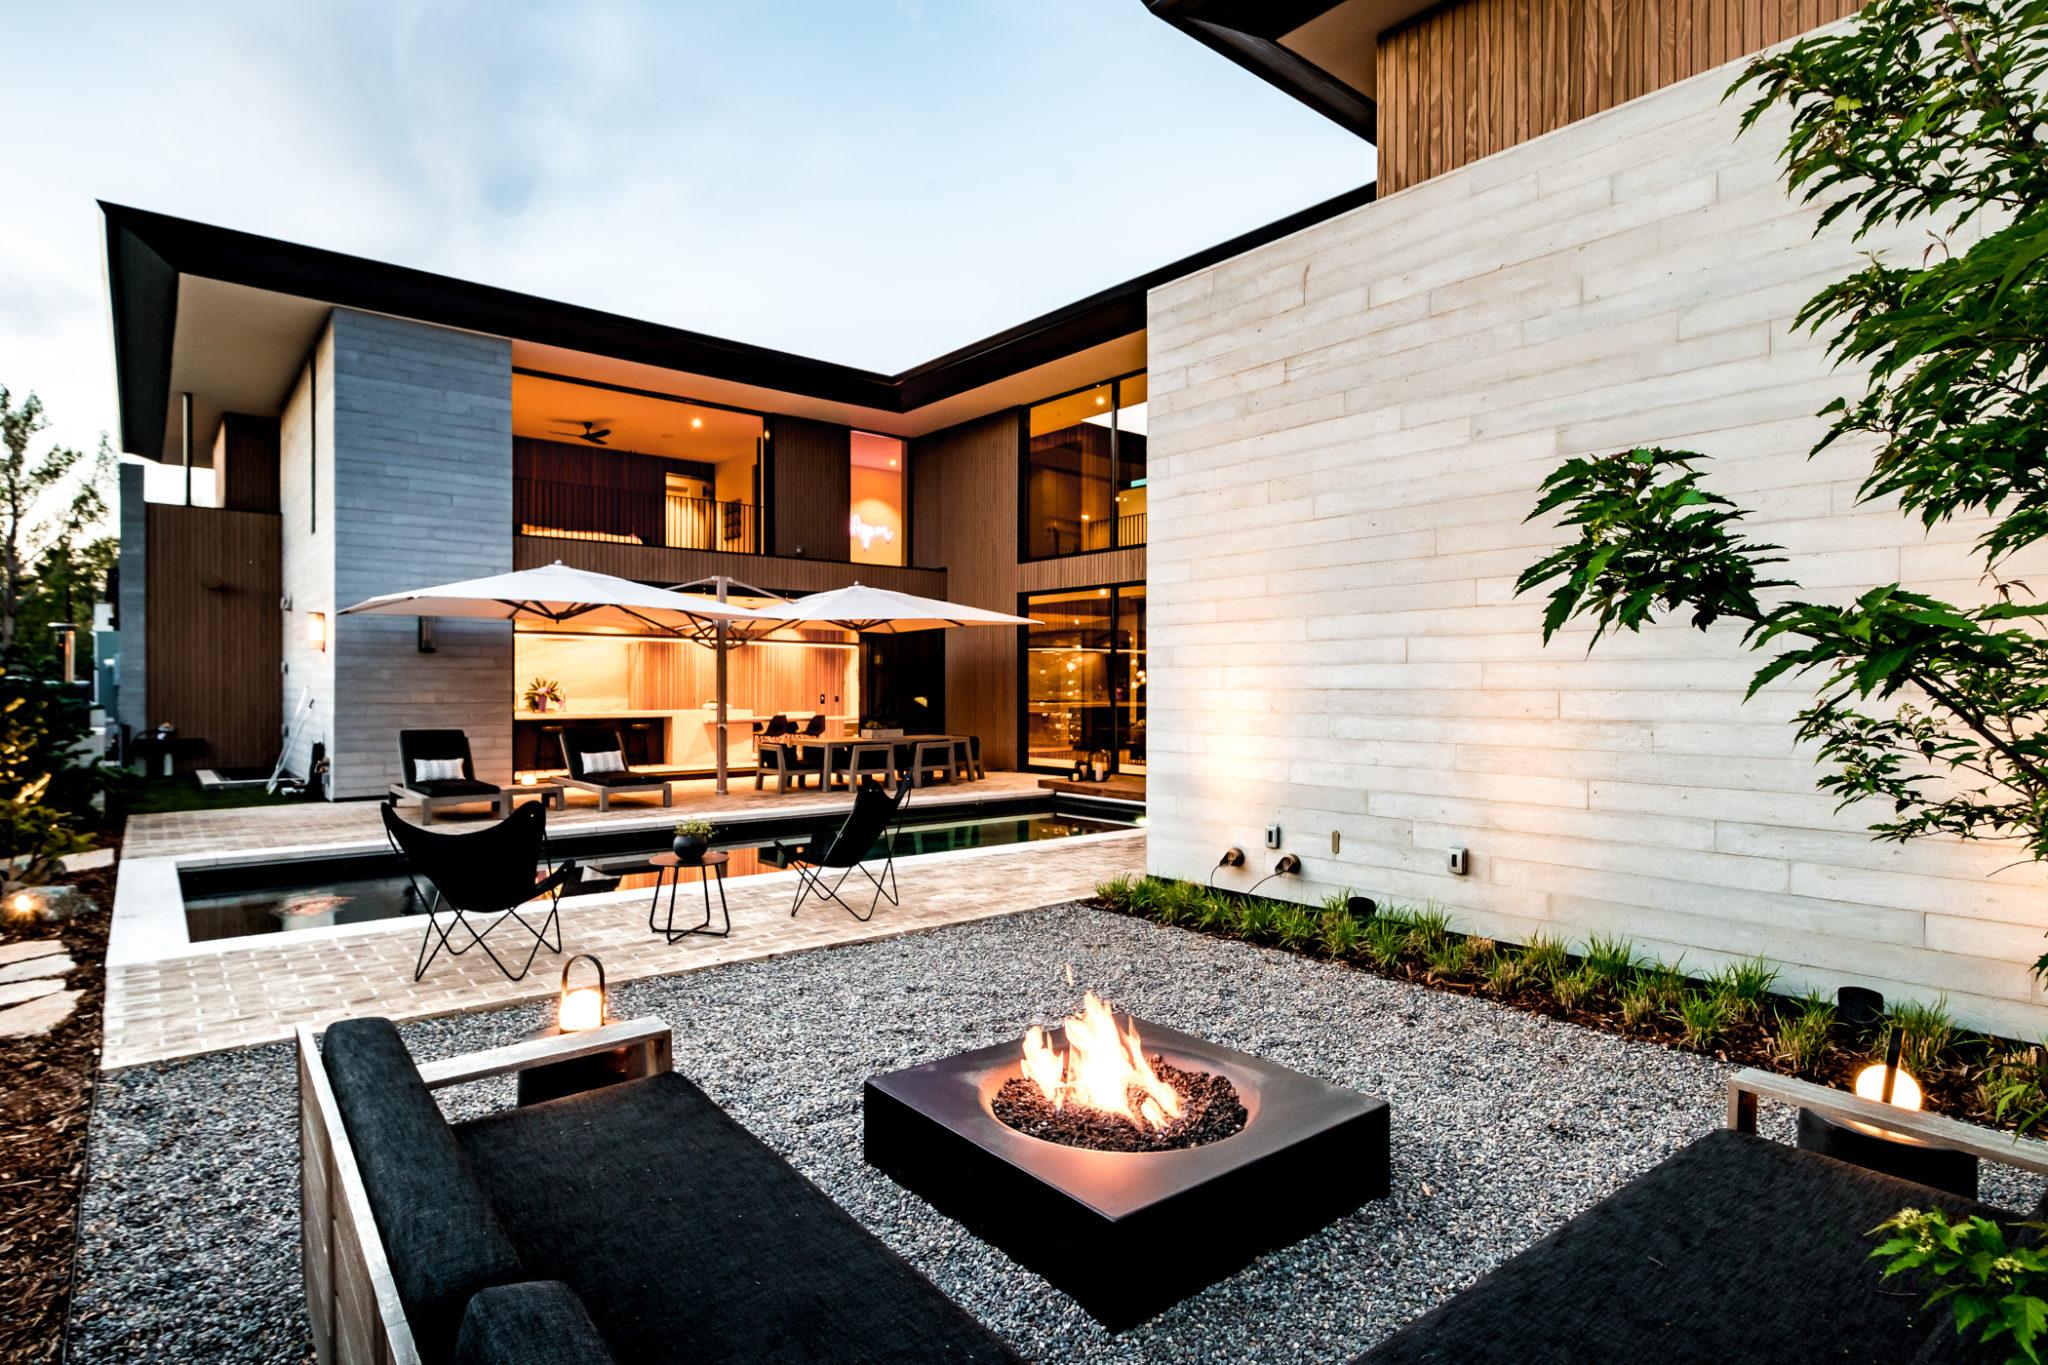 Modern Cherry Creek Home Design